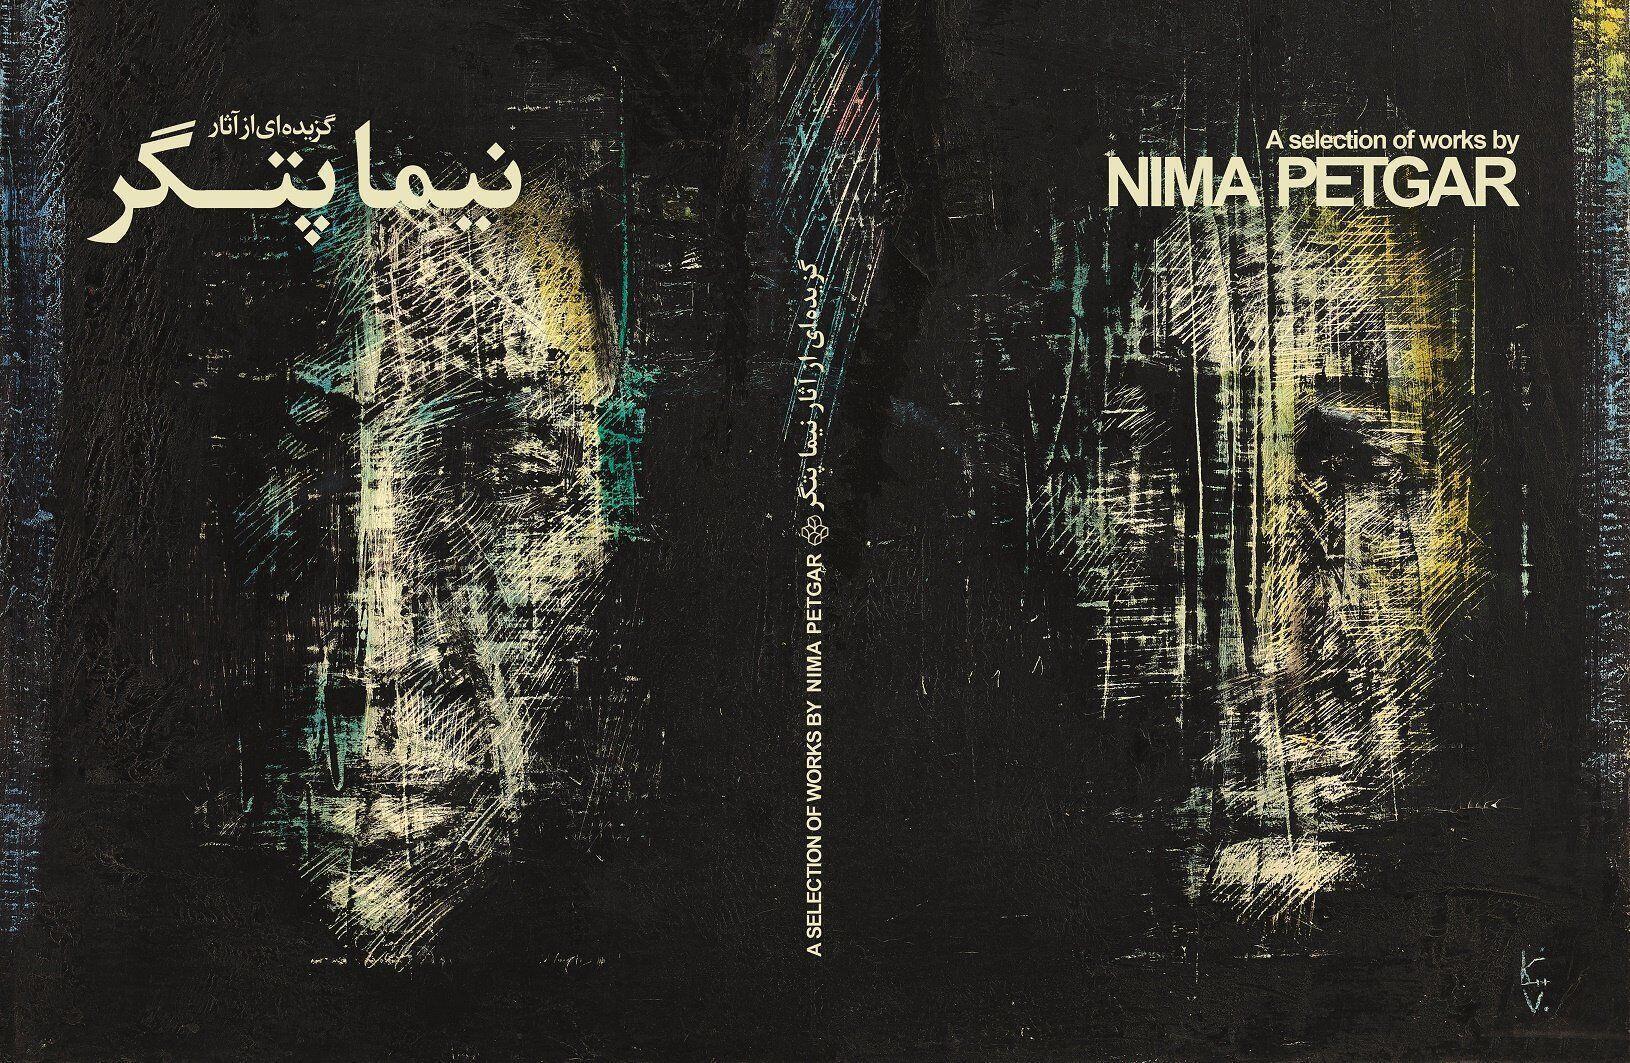 """کتاب """"گزیدهای از آثار نیما پتگر"""""""